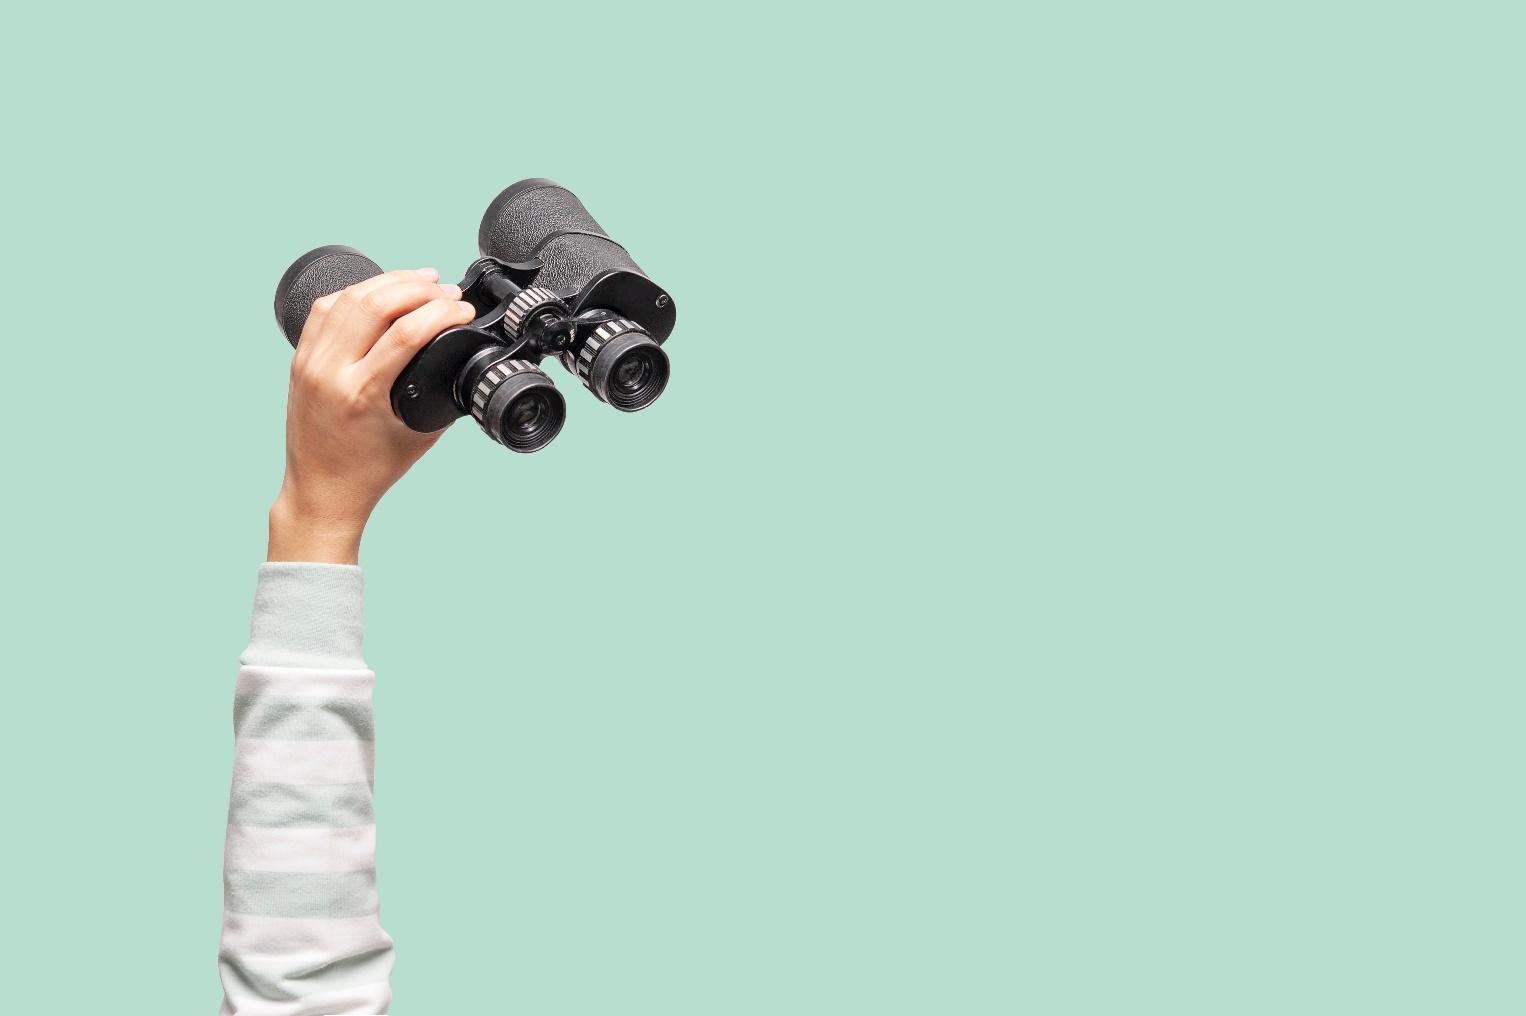 Hand holding binoculars